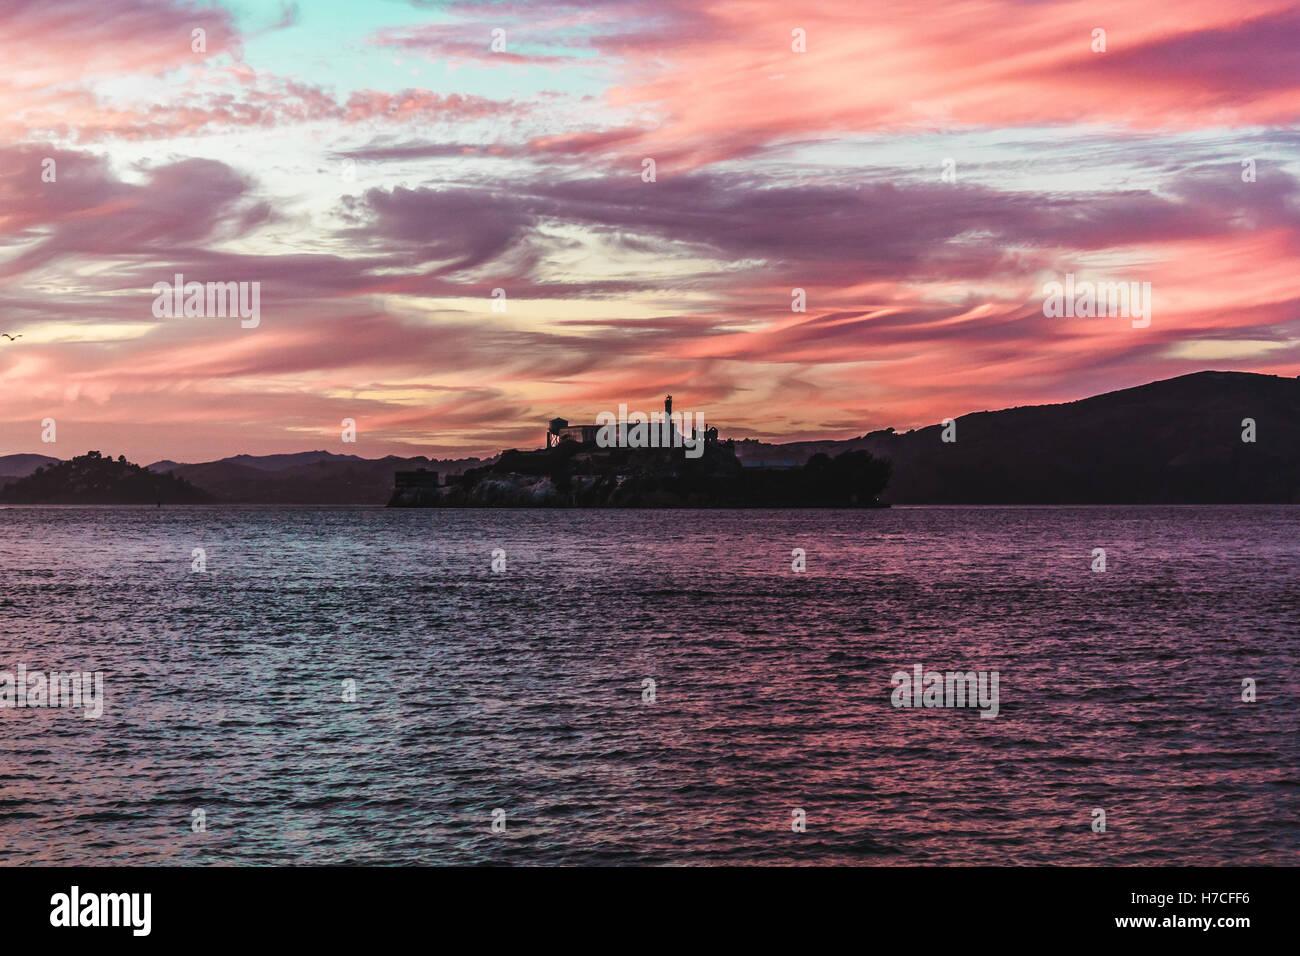 Foto del tramonto colorato alla prigione di Alcatraz a San Francisco, California Immagini Stock